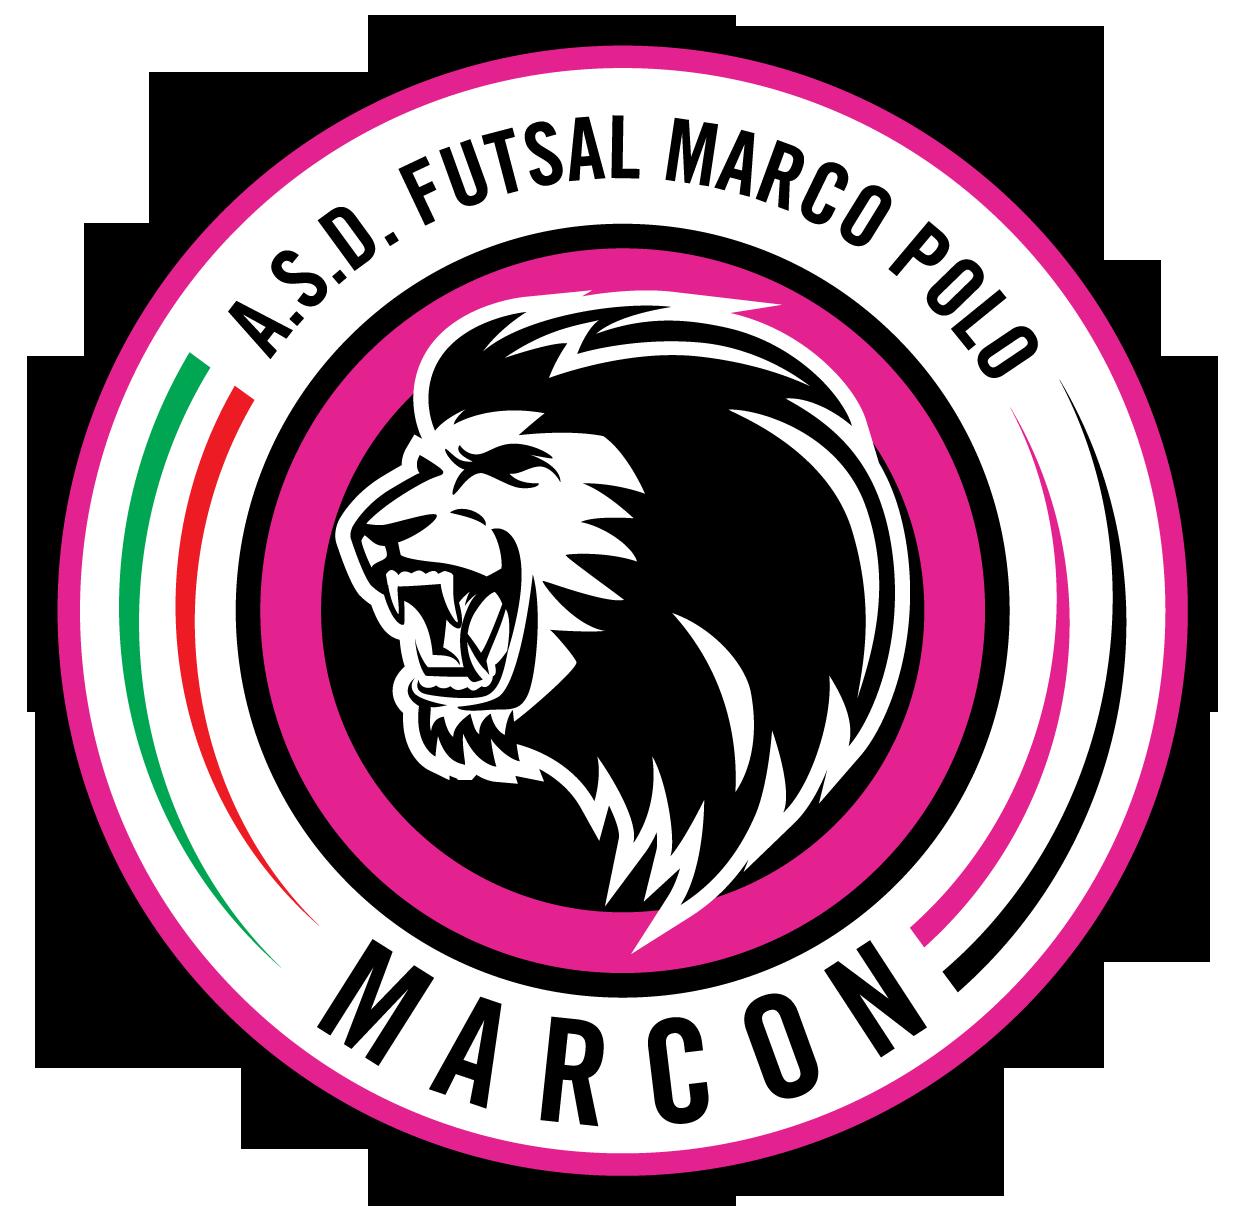 Futsal Marco Polo Marcon Calcio a 5